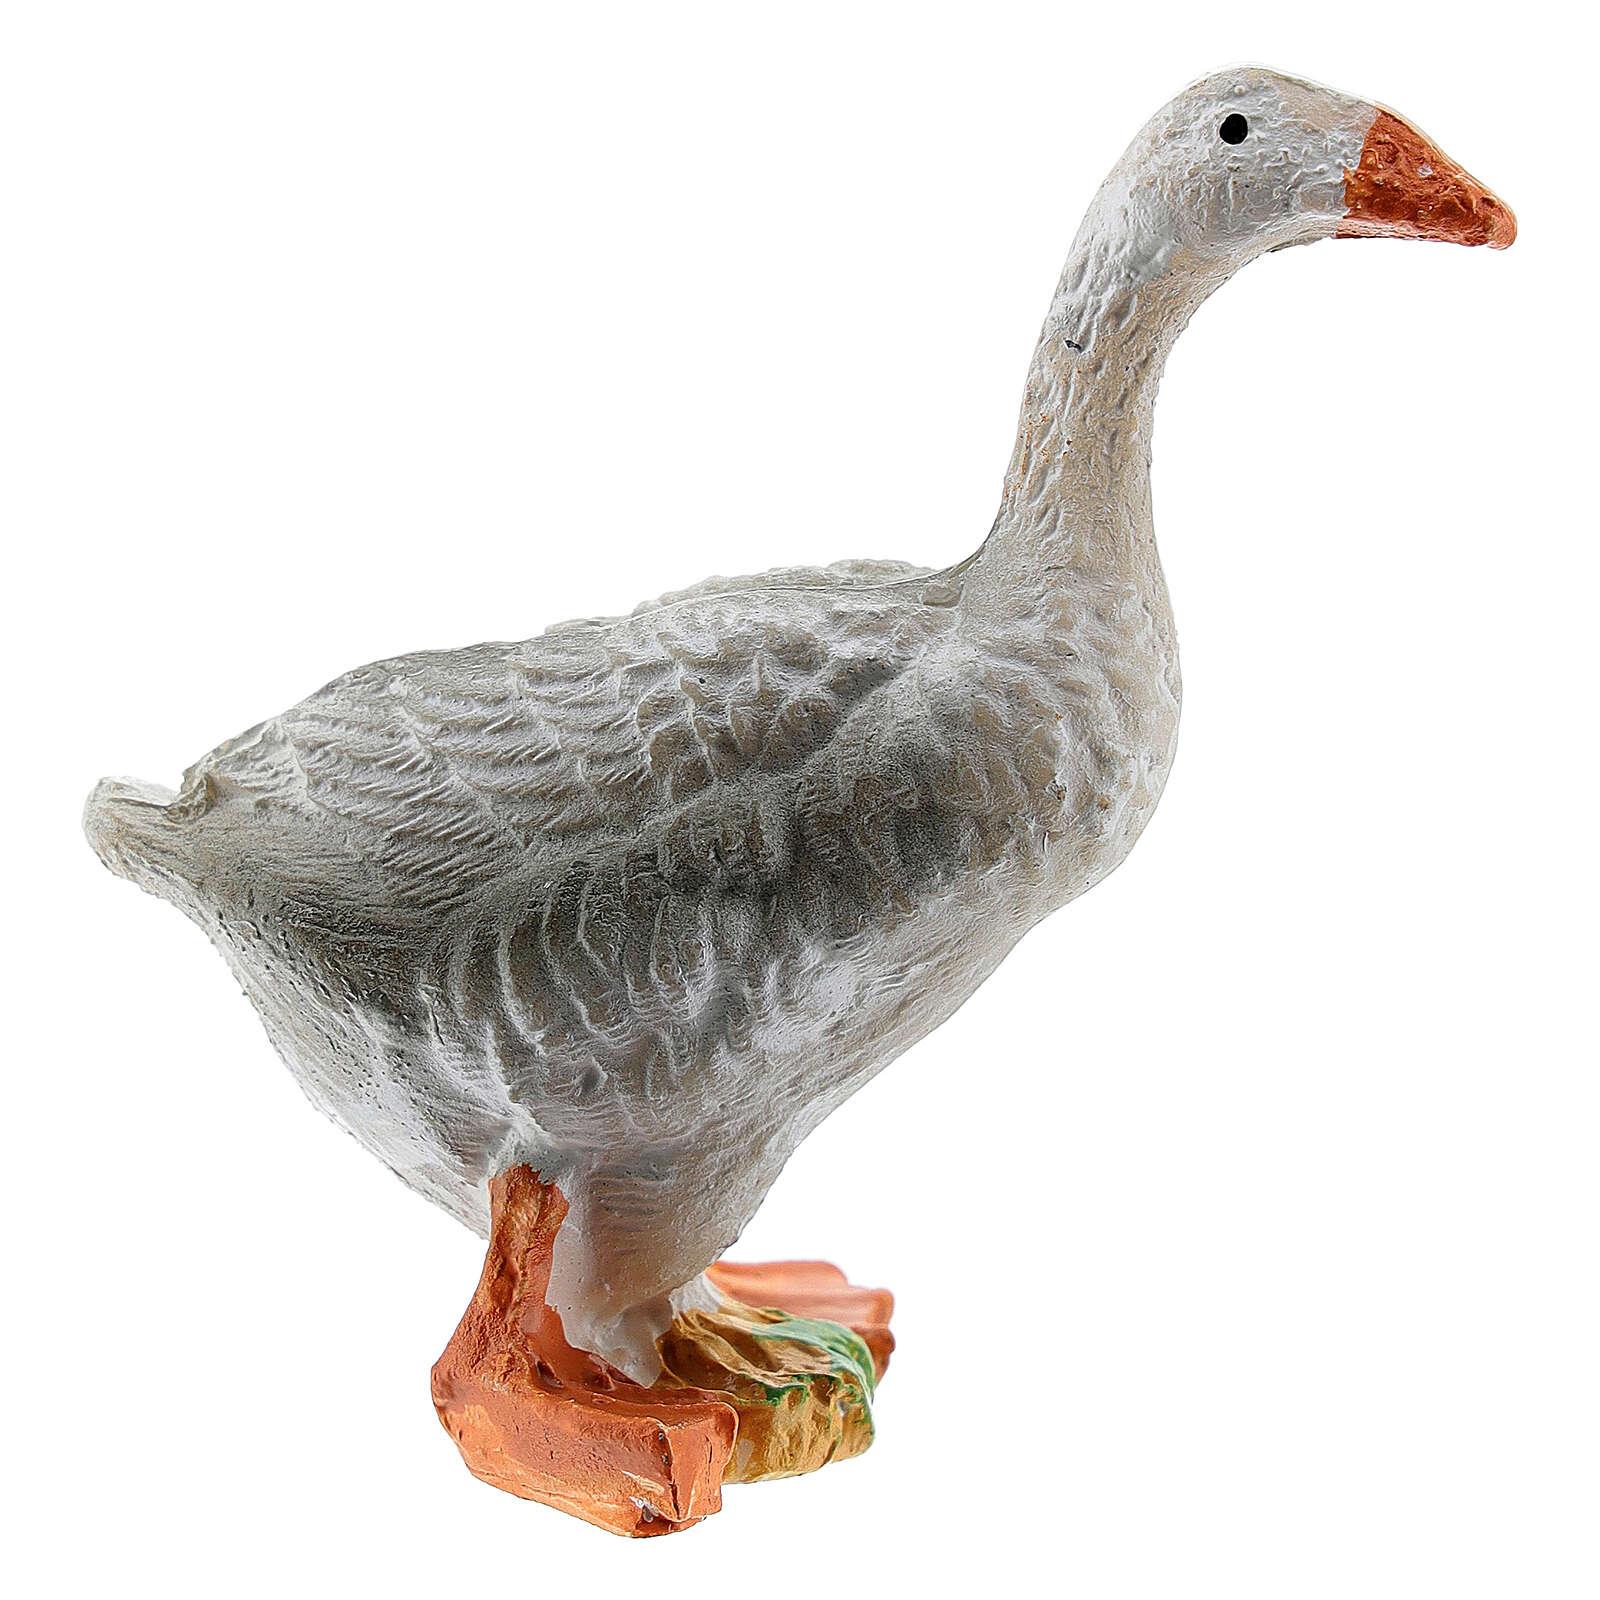 Miniature goose figurine resin nativity 10-12 cm 3